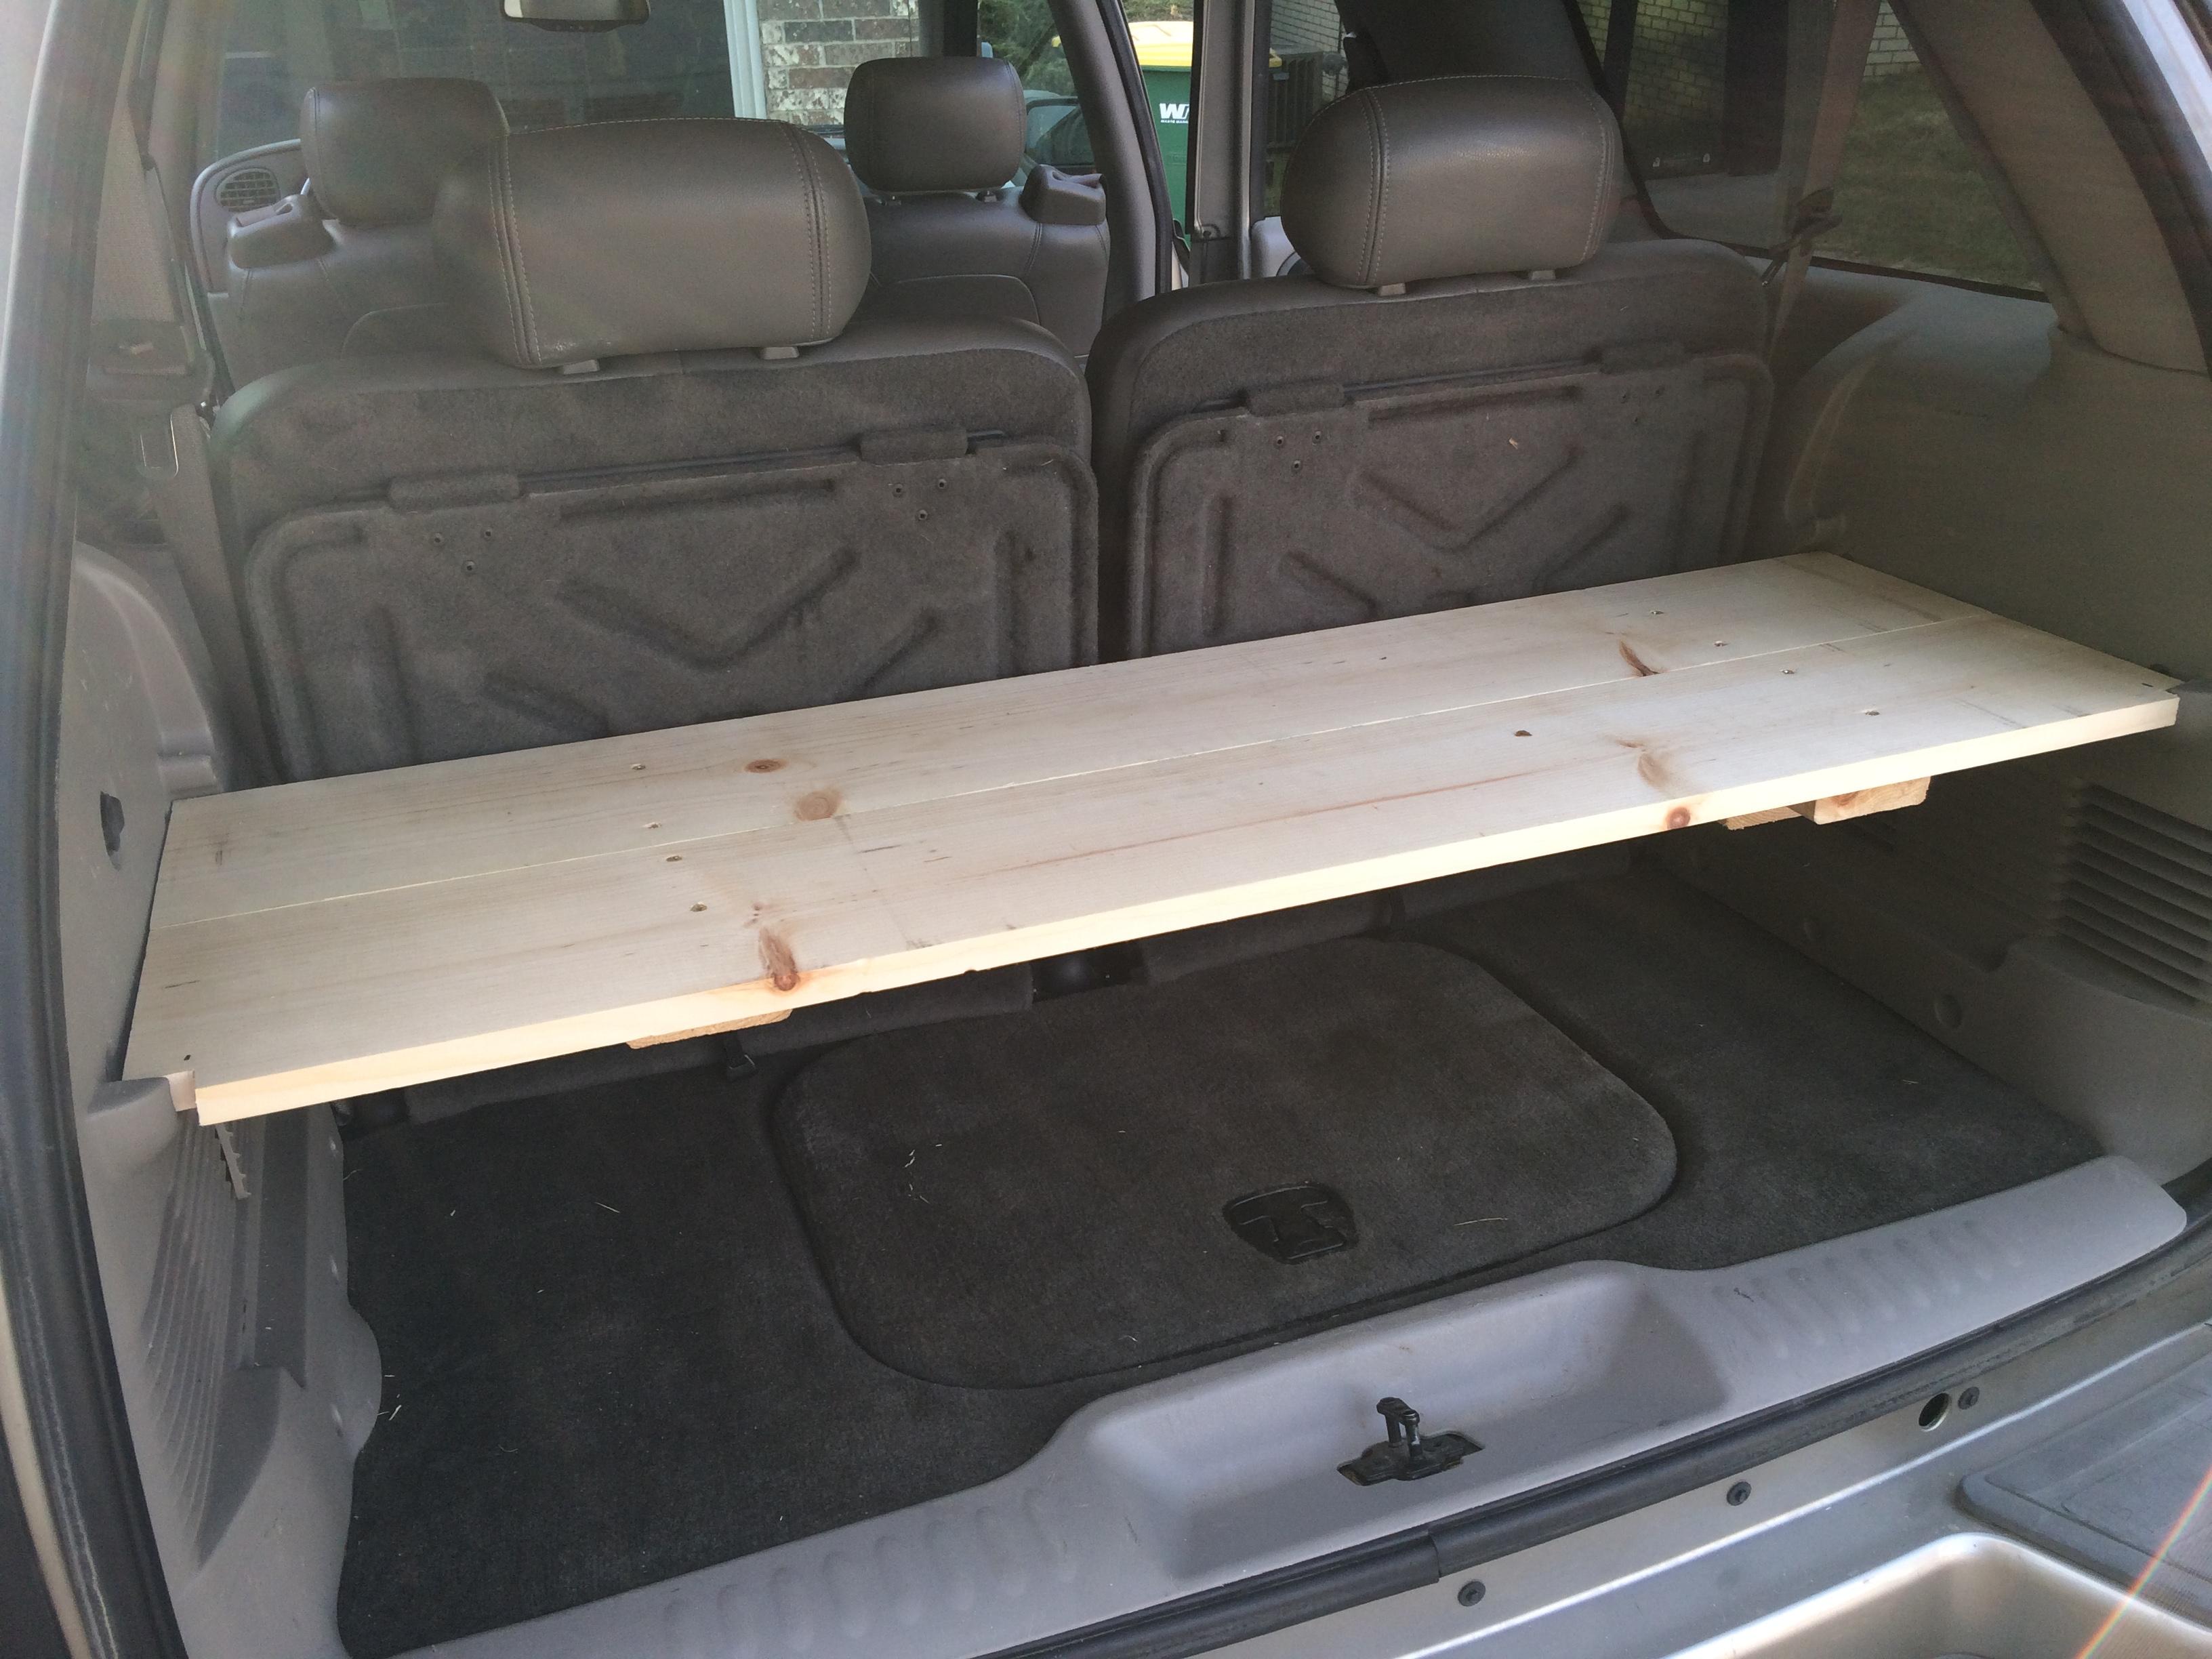 $14 DIY cargo shelf for Chevy Trailblazer - RobMcBryde.com